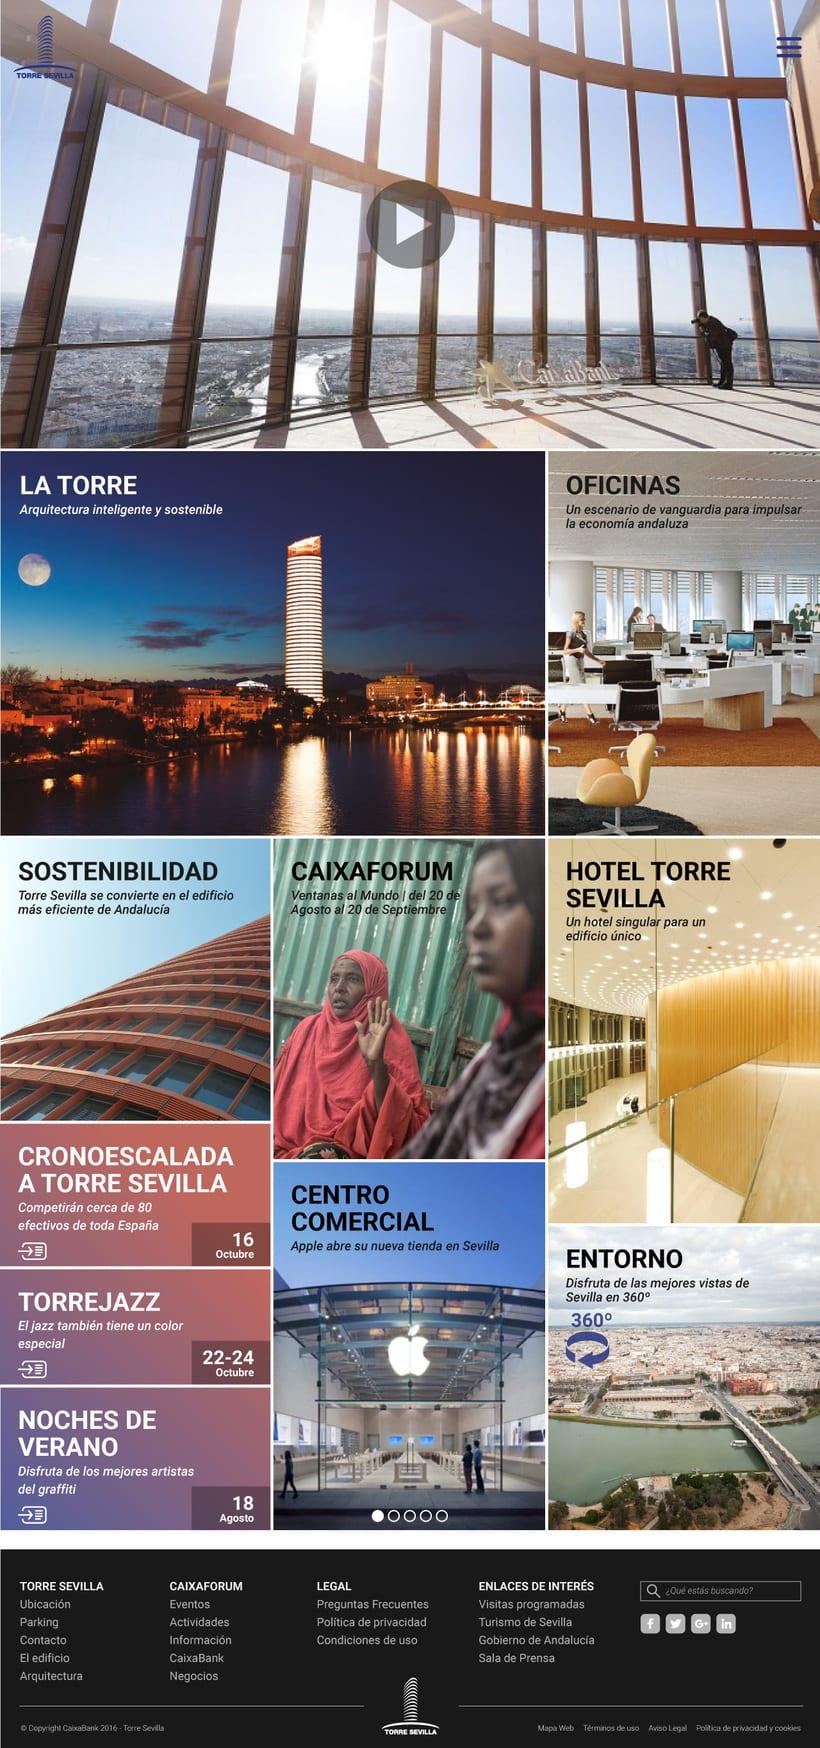 Proyecto presentado a Caixabank para el site de Torre Sevilla 0